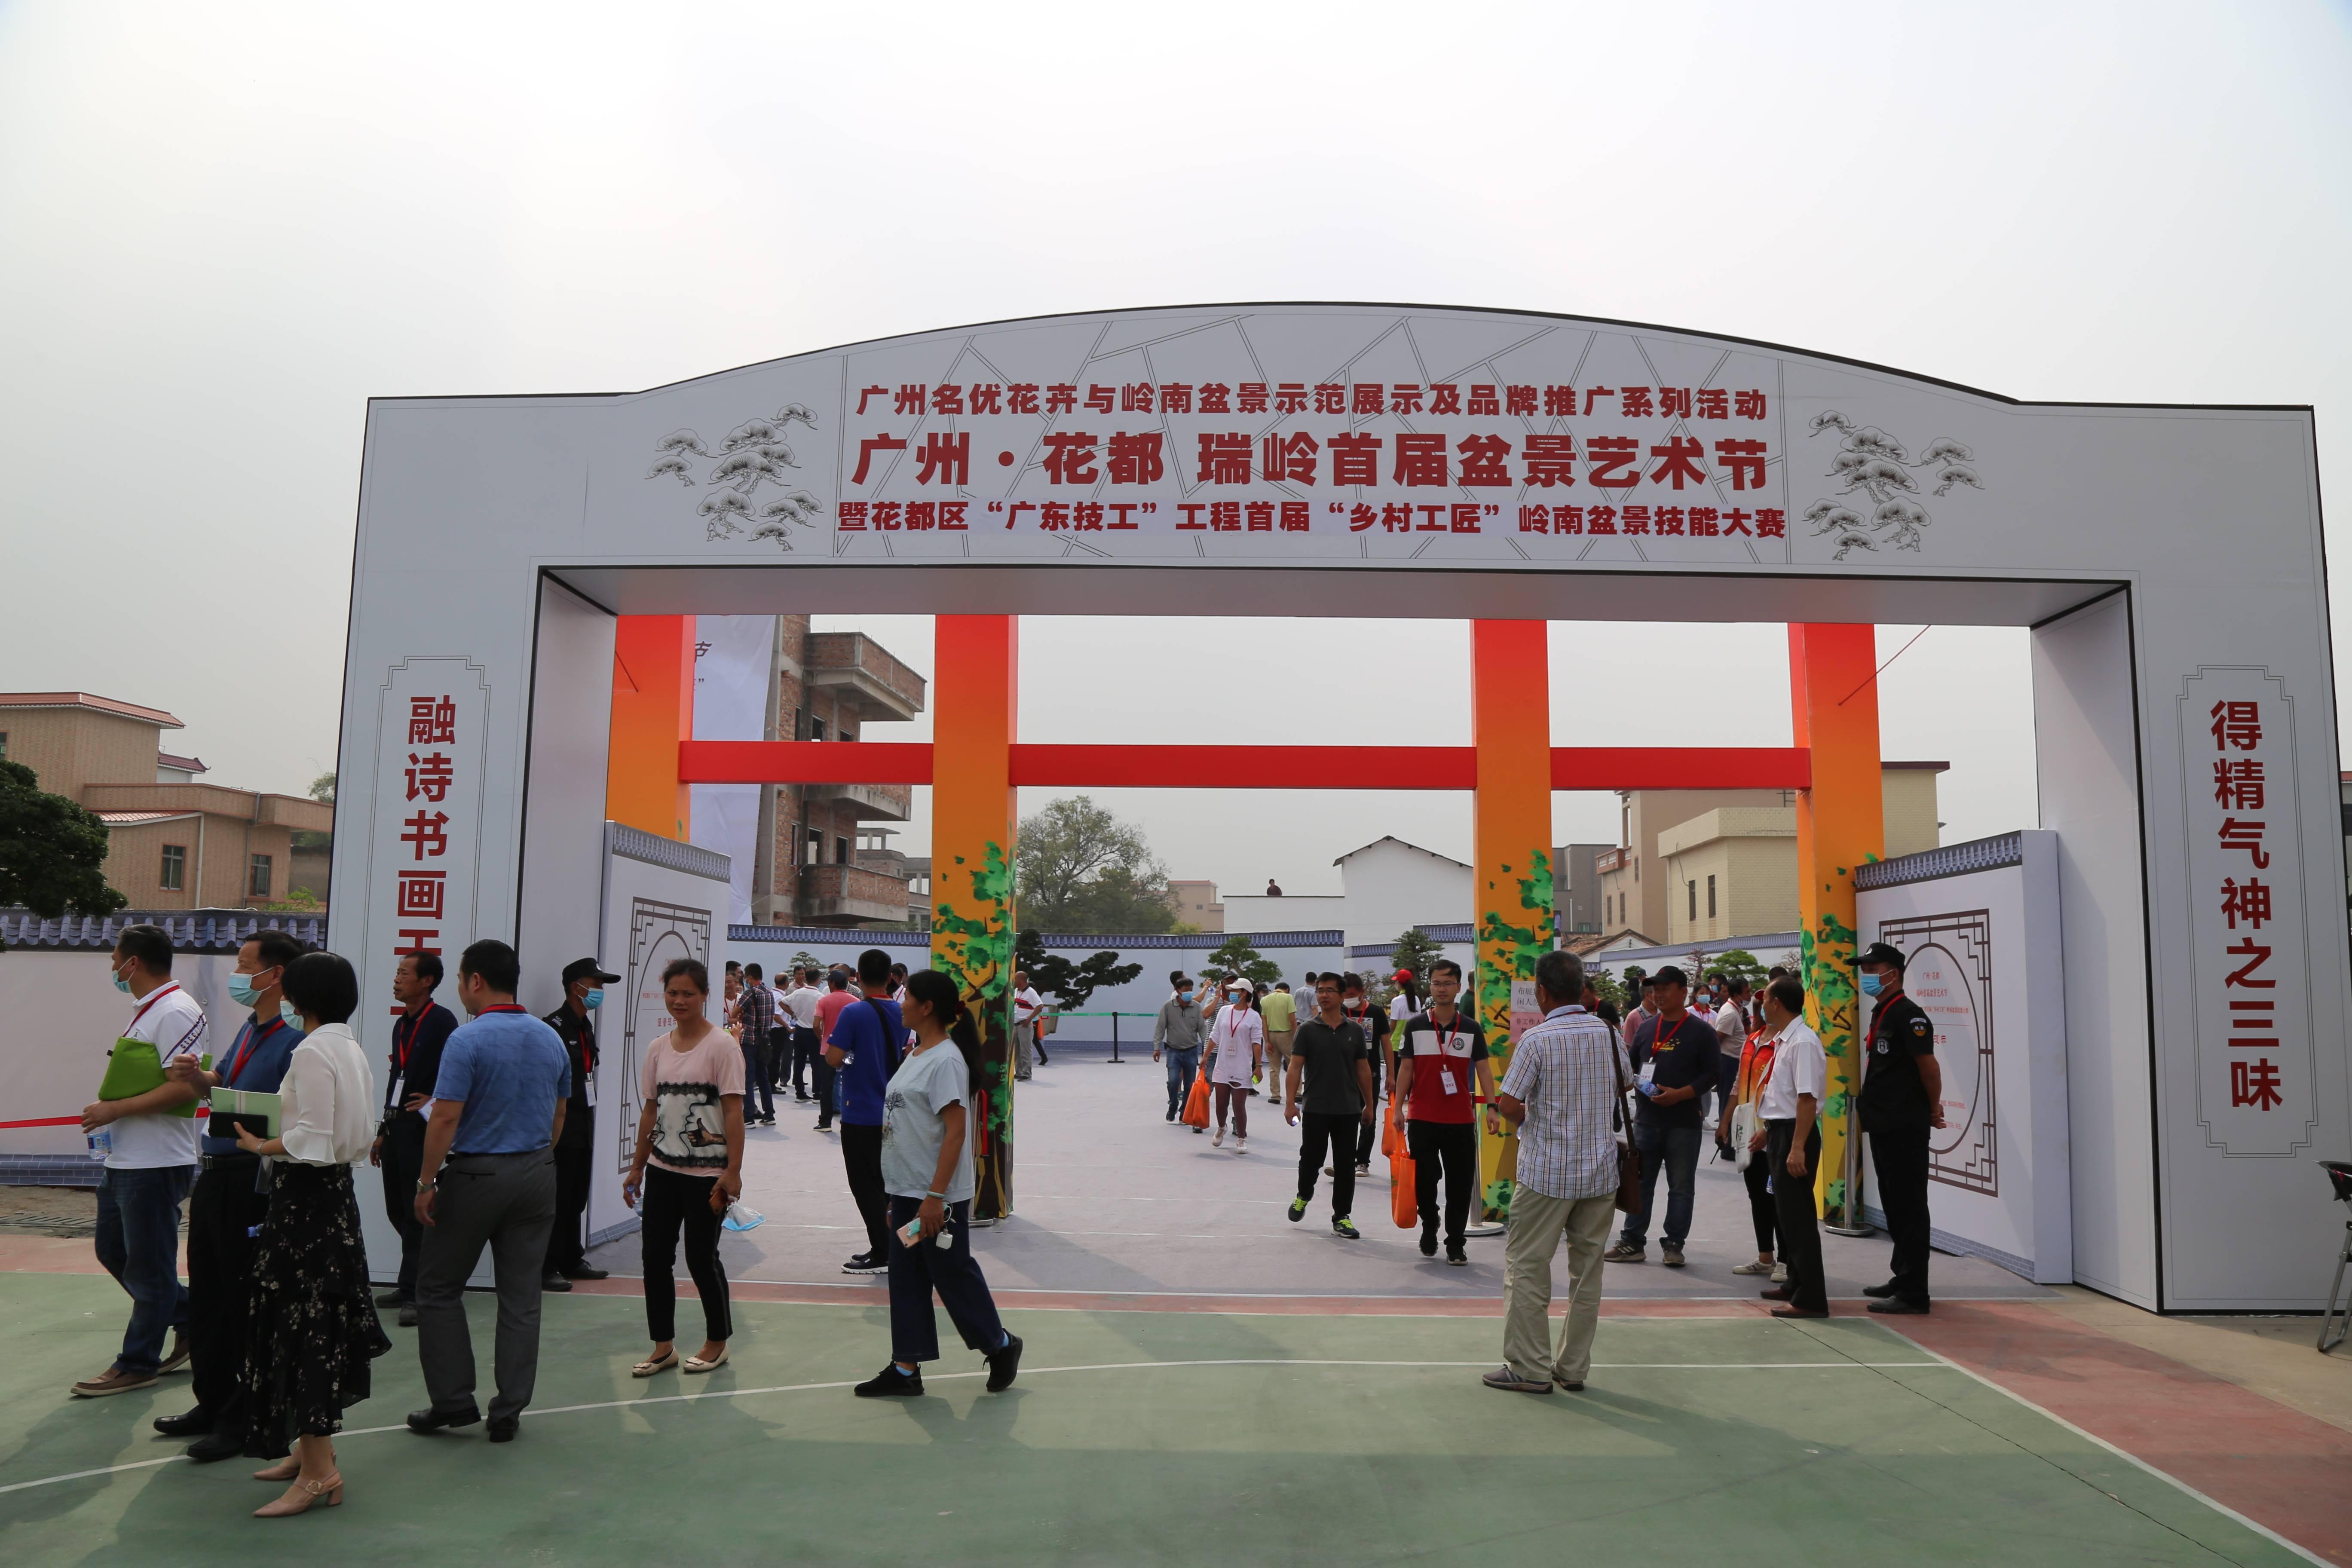 来看岭南盆景精品展!广州花都赤坭举办首届盆景艺术节